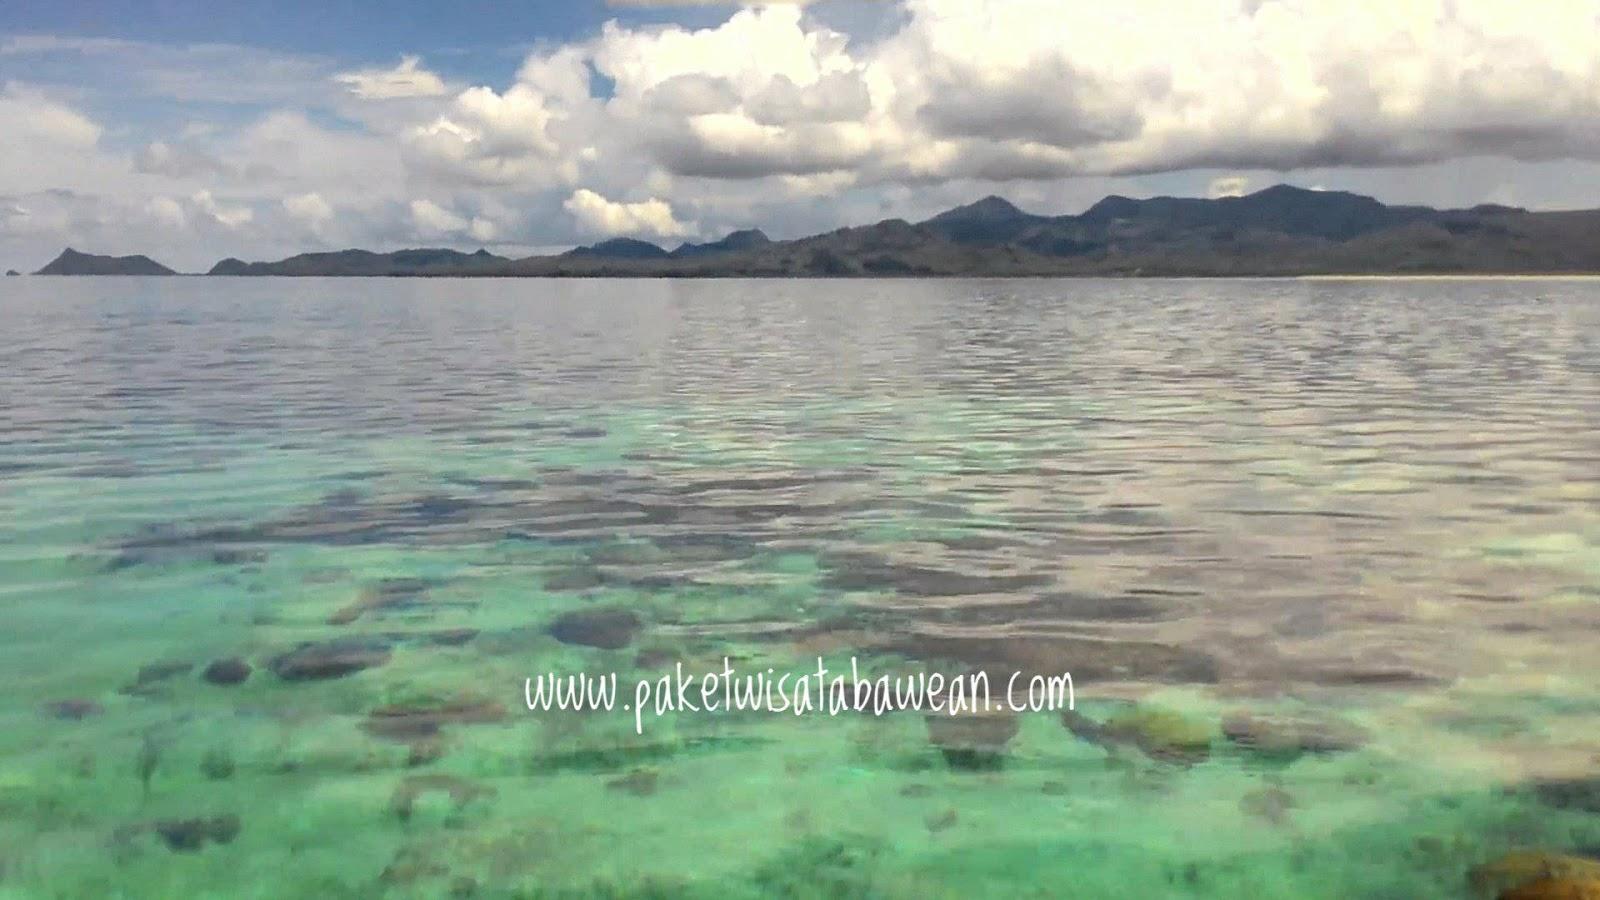 Paket Wisata Bawean 2 Hari 1 Malam Sabtu Minggu Pulau Liburan